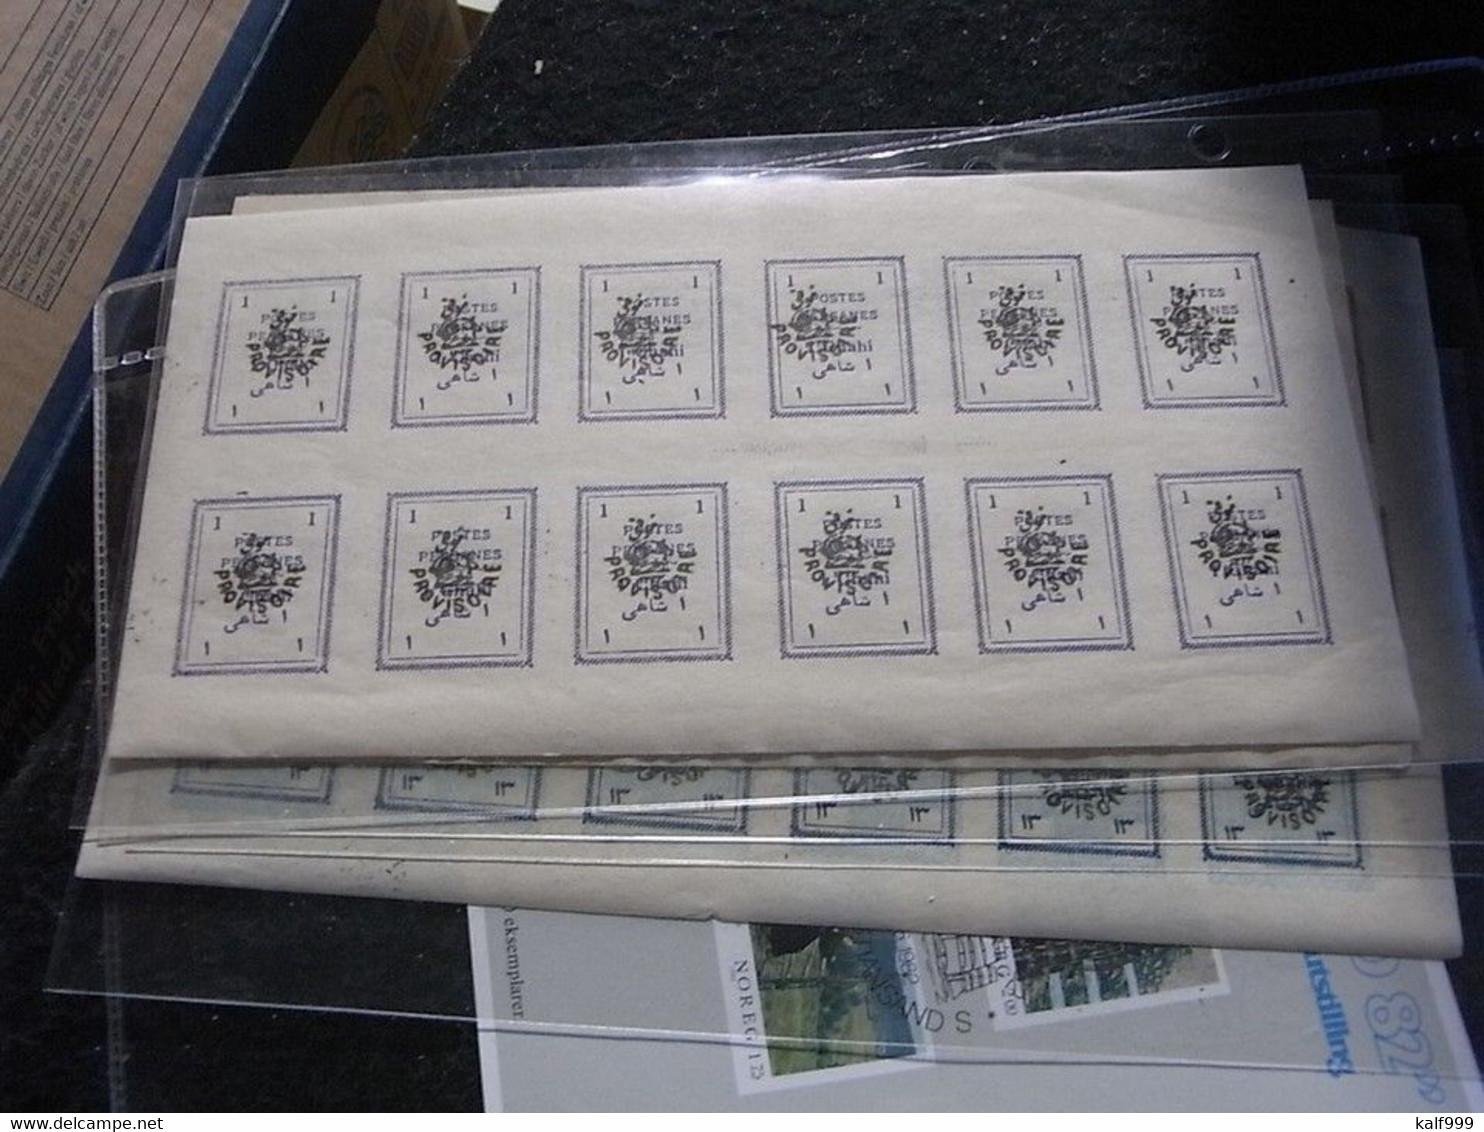 ✔️ ENORME VRAC DU MONDE CIRCA 10 KILO ! PARFAIT POUR VENDEUR/COLLECTIONEUR ! 350 PICS ! Depart 1 Euro ! [B031] - Lots & Kiloware (mixtures) - Min. 1000 Stamps